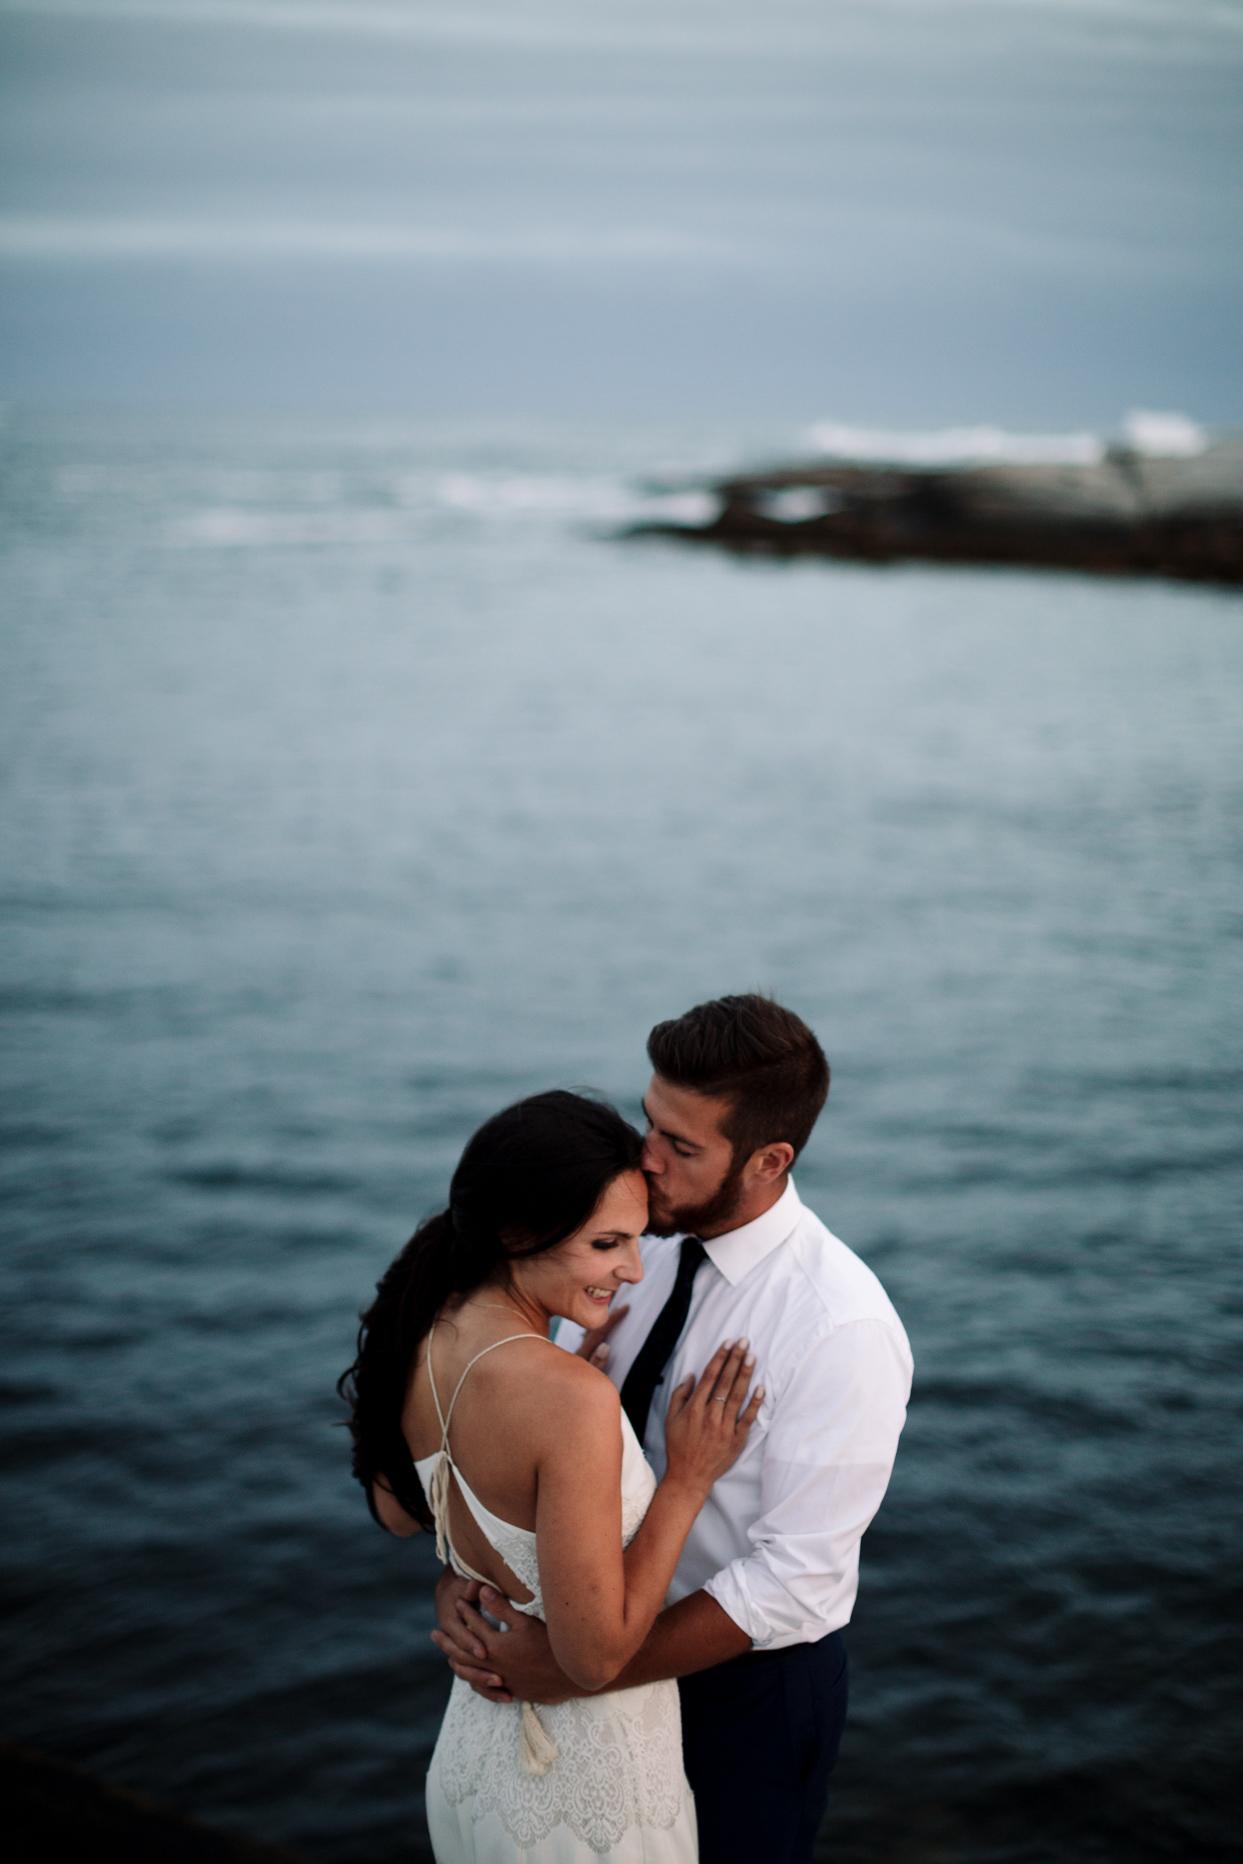 portfolio_mariage_Alexis_Lavoie-91.jpg